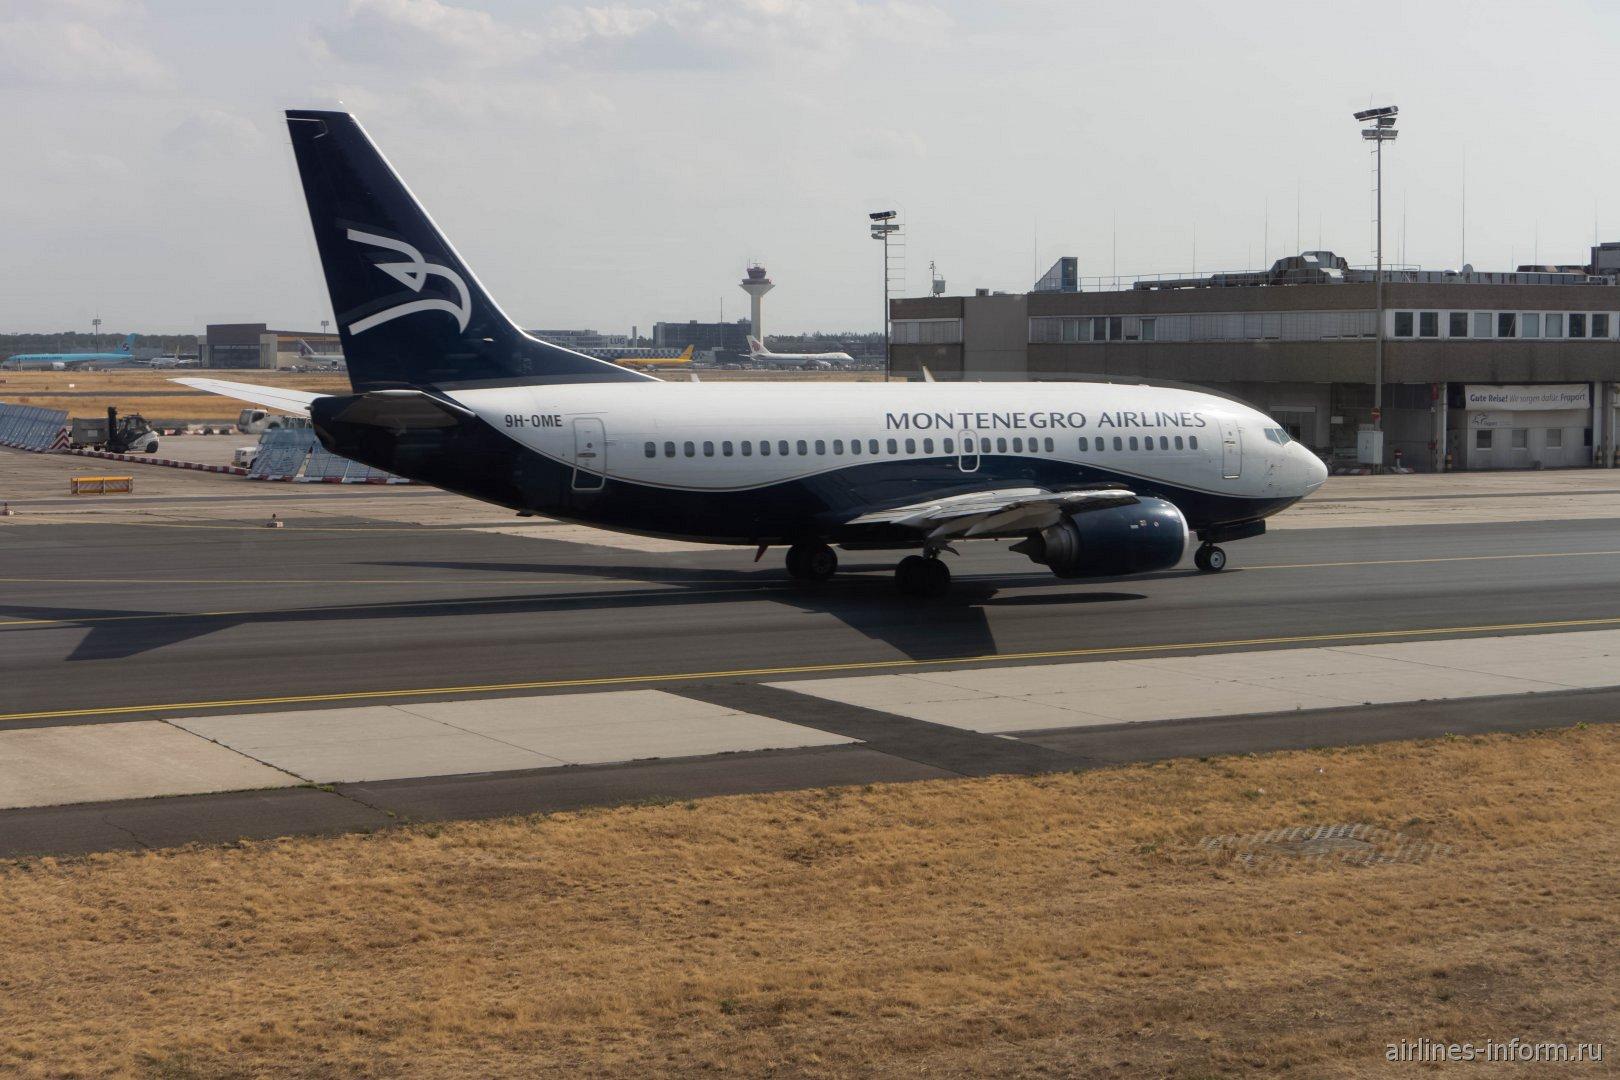 Боинг-737-500 (9H-OME) авиакомпании Montenegro Airlines в аэропорту Франкфурта